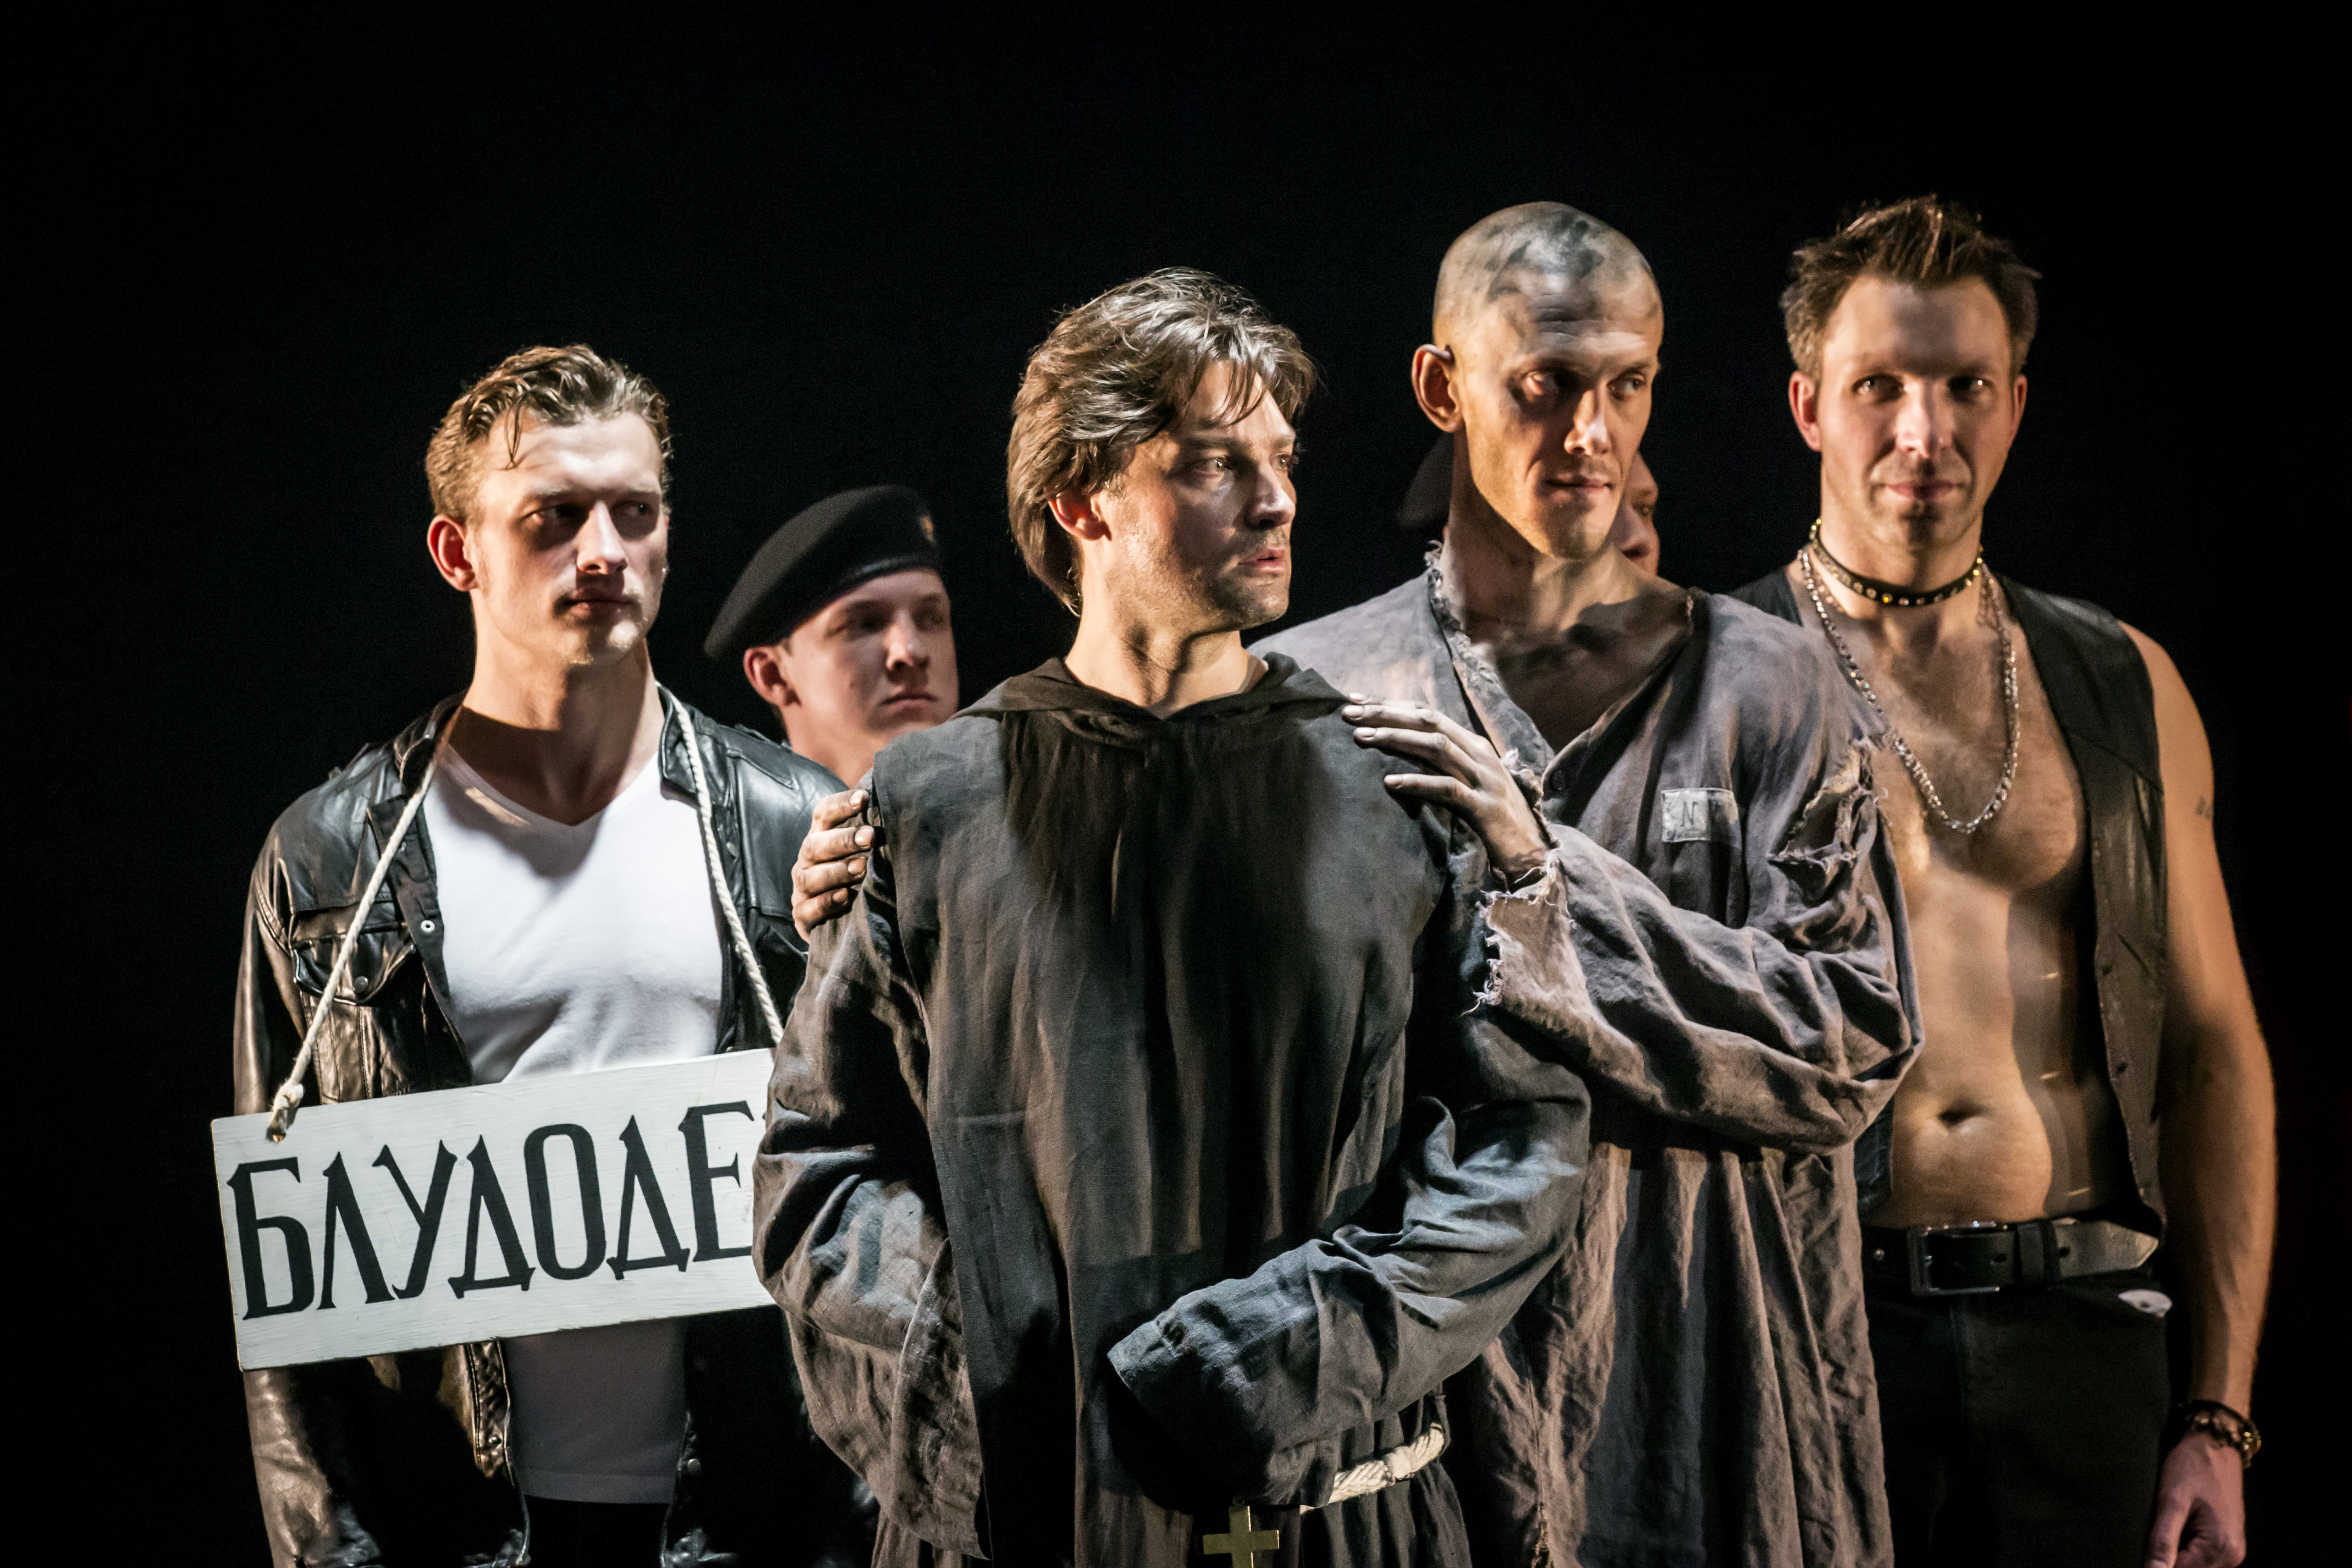 Peter Rykov, Alexander Arsentyev, Igor Teplov and Alexey Rakhmanov